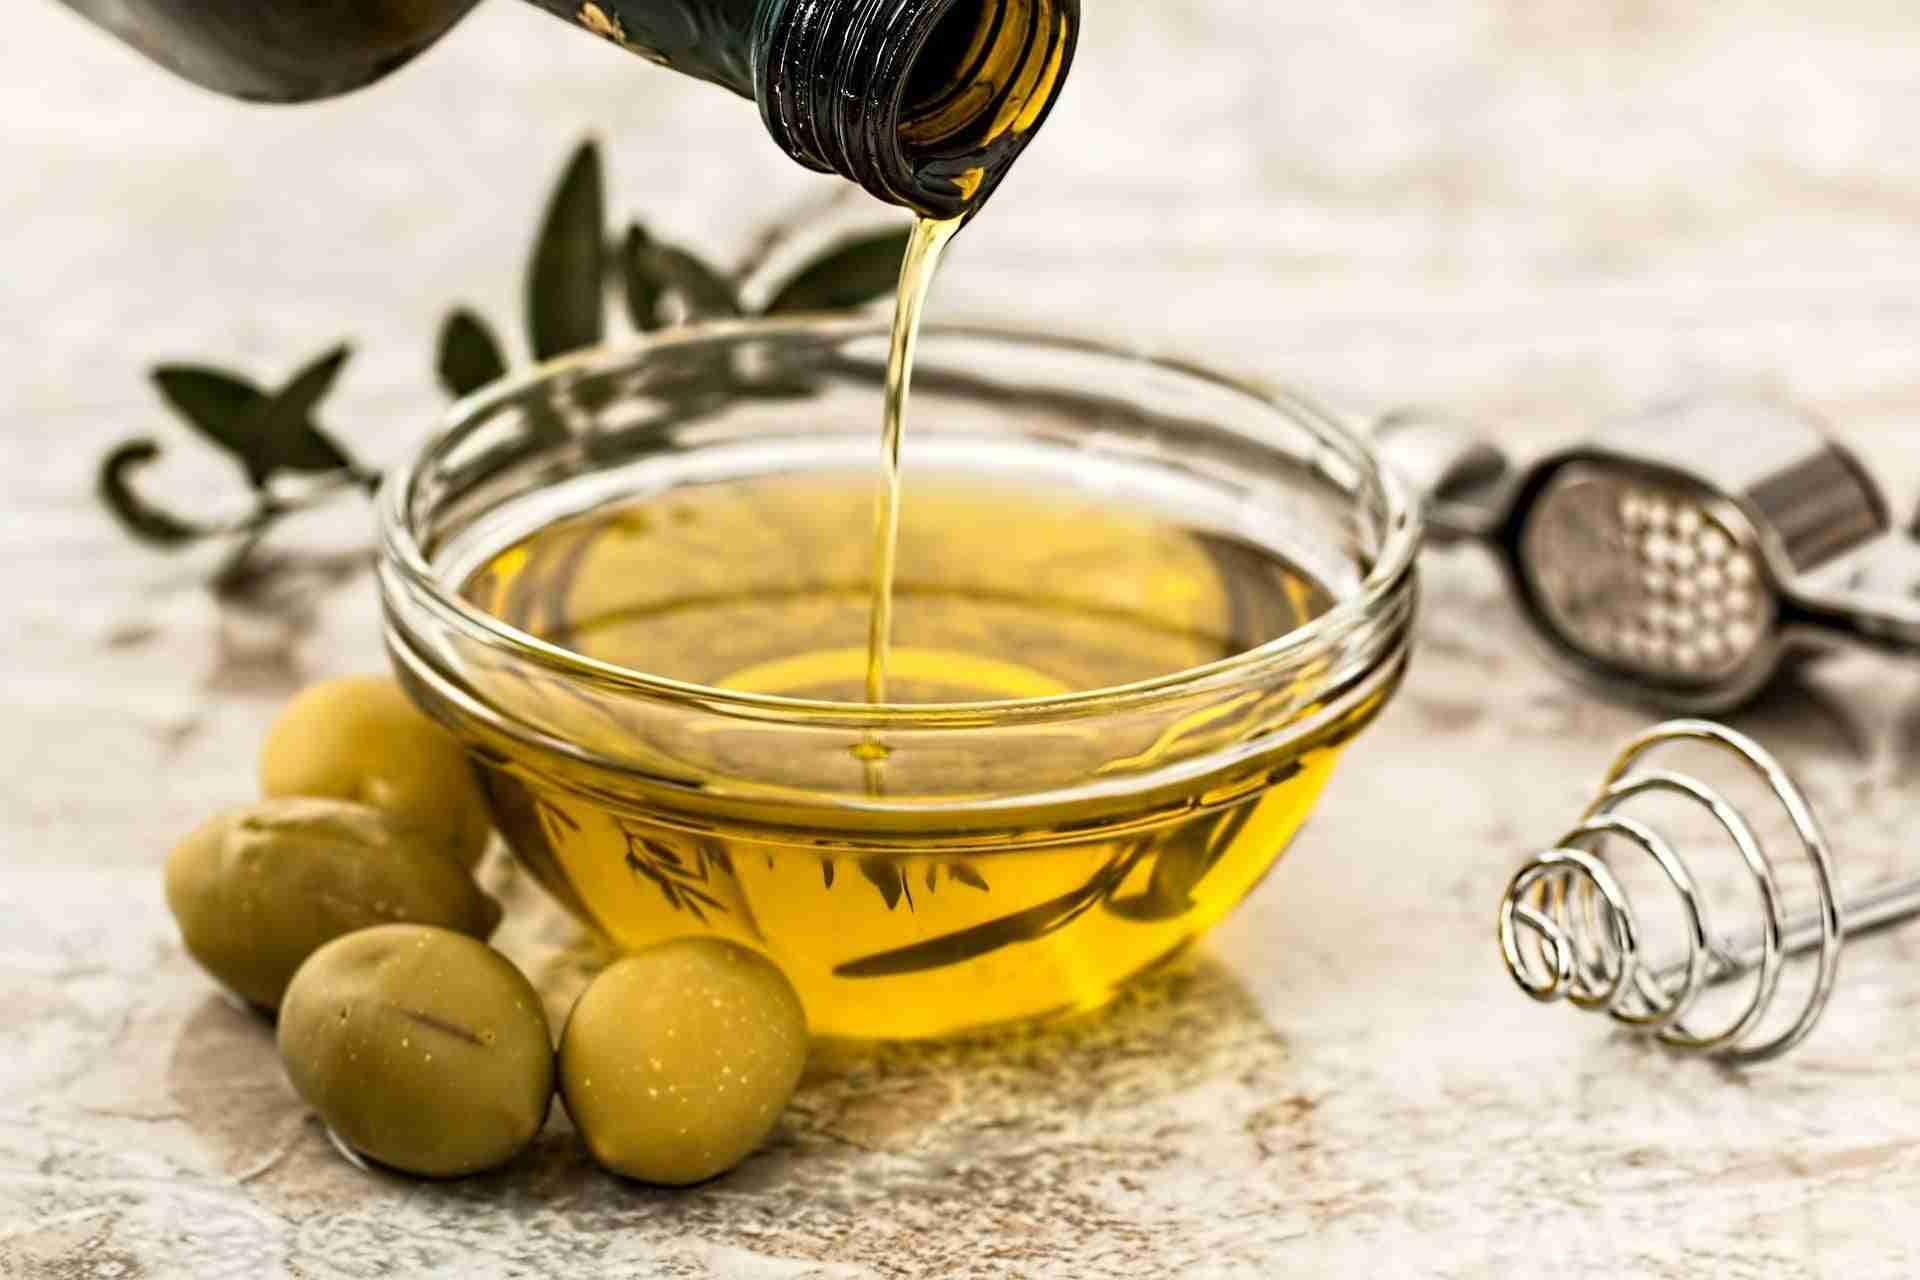 olio masseria greco